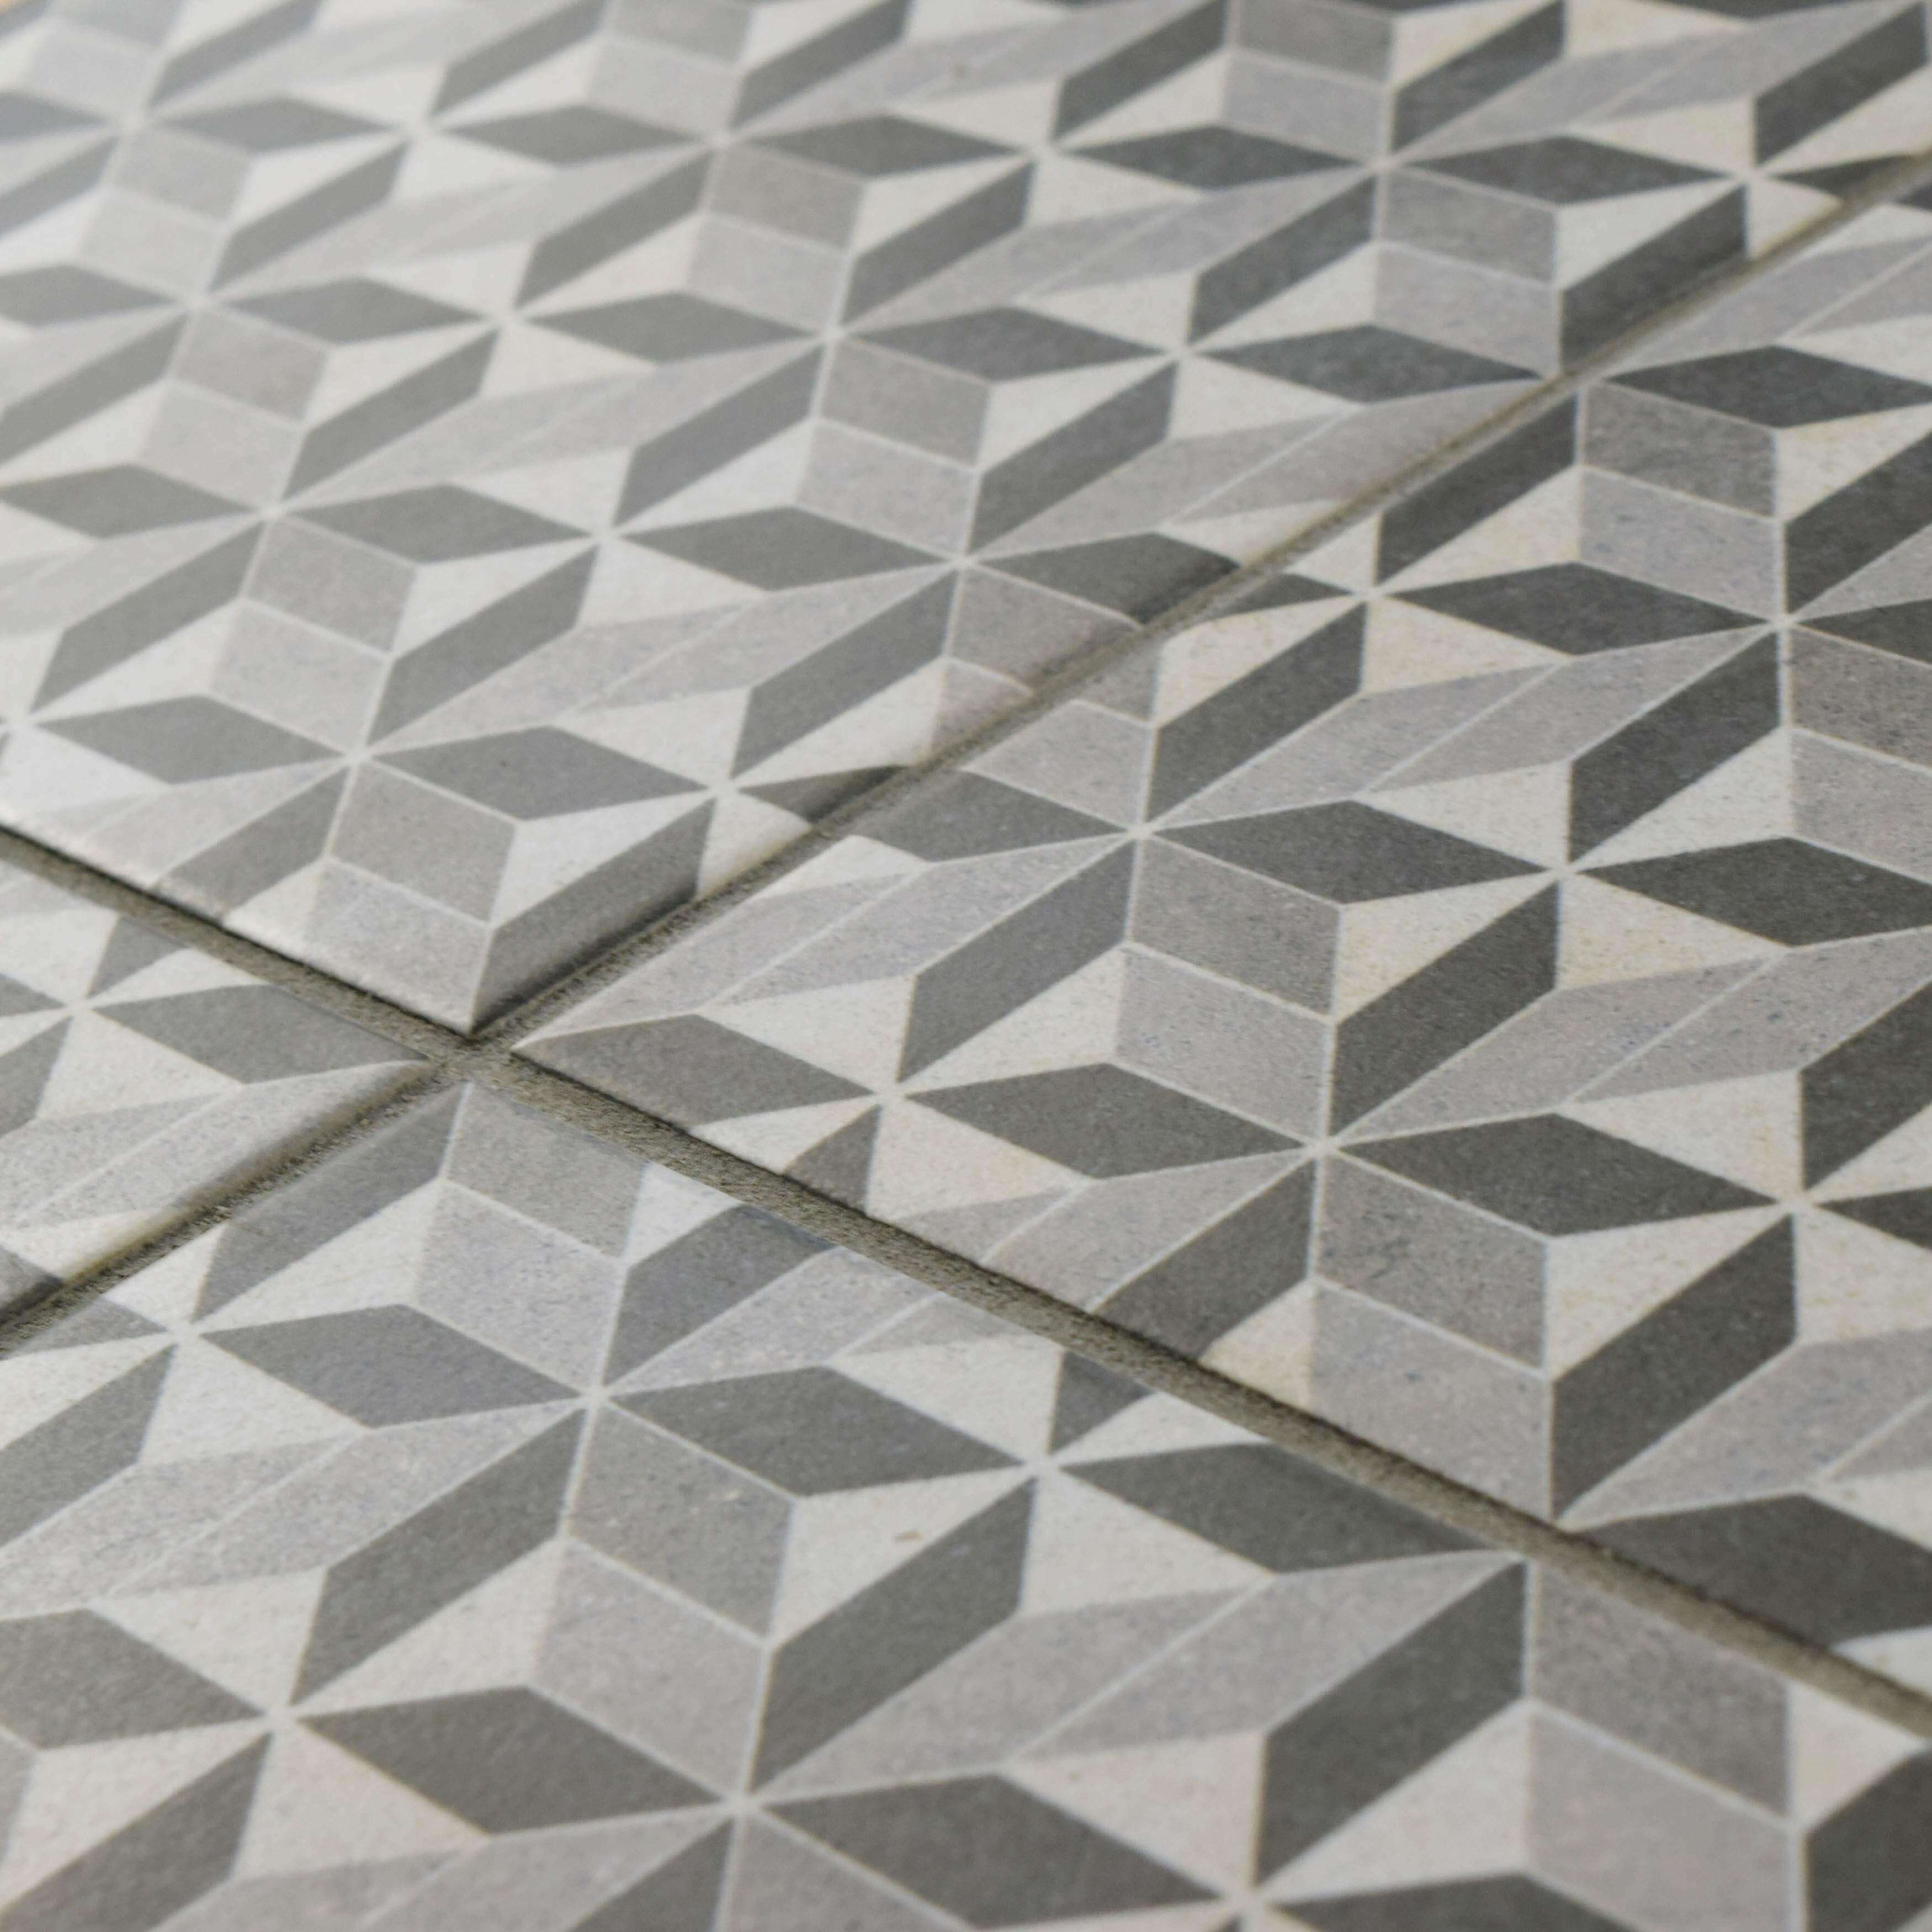 Elitetile Annata 9 5 Quot X 9 5 Quot Porcelain Field Floor And